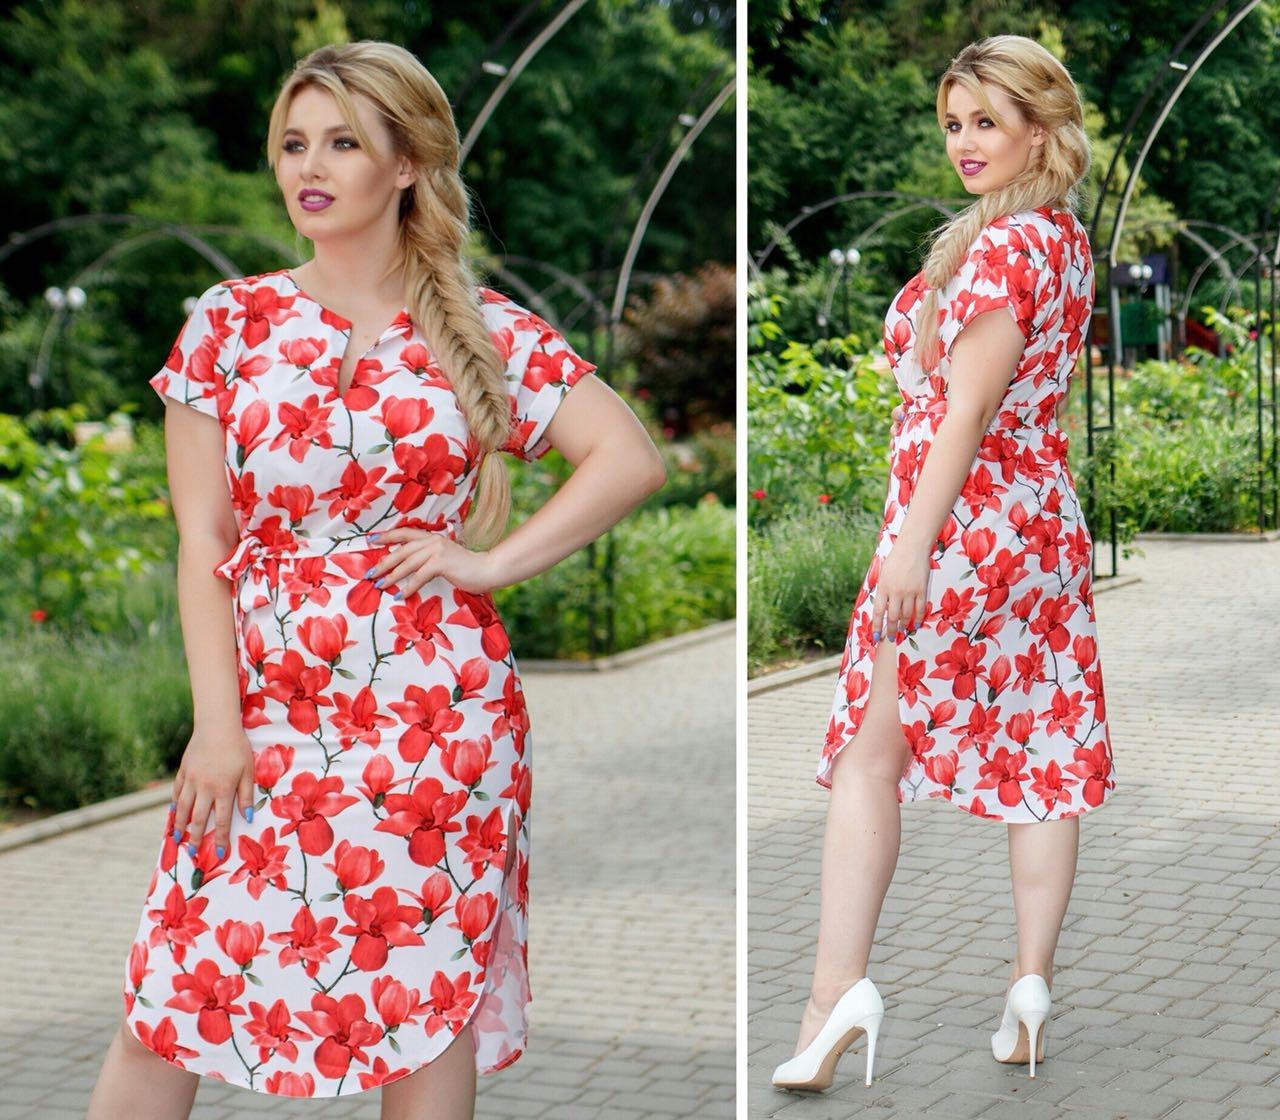 Платье летнее длинное, новинка 2018, модель 816 батал, принт - красные цветы на белом